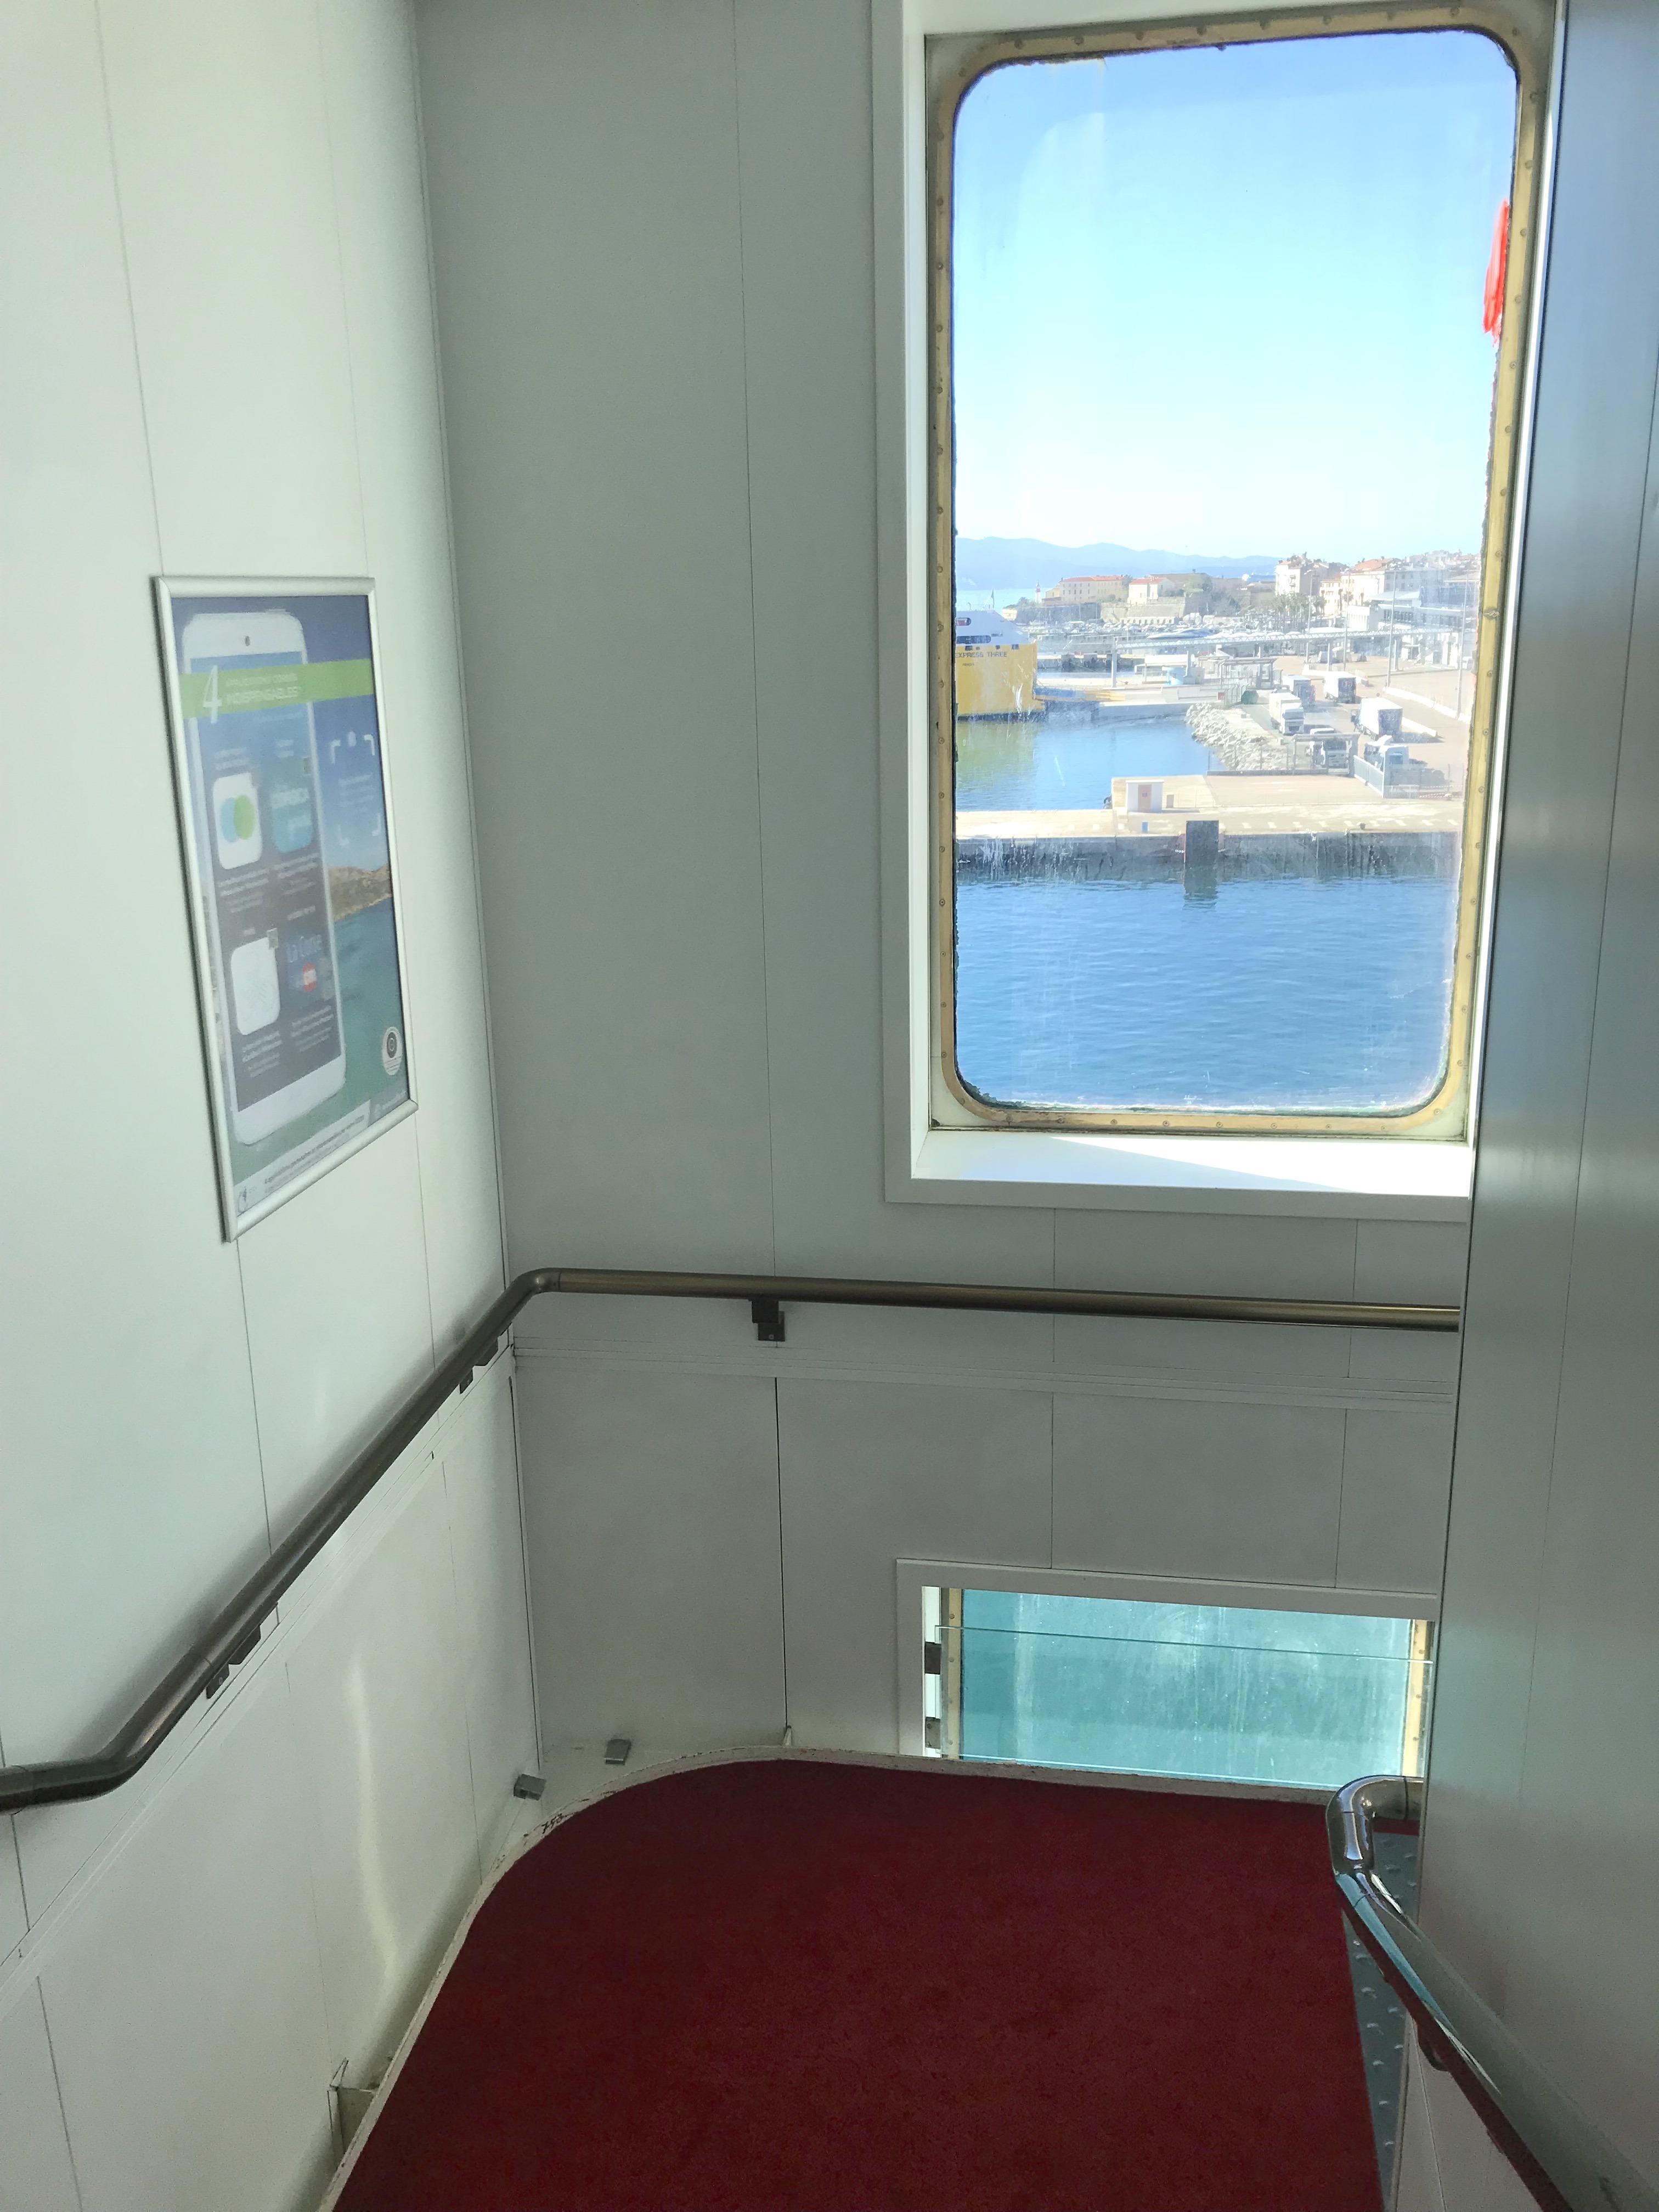 l 39 affichage bord des bateaux corsica linea publicit dans le monte d 39 oro. Black Bedroom Furniture Sets. Home Design Ideas